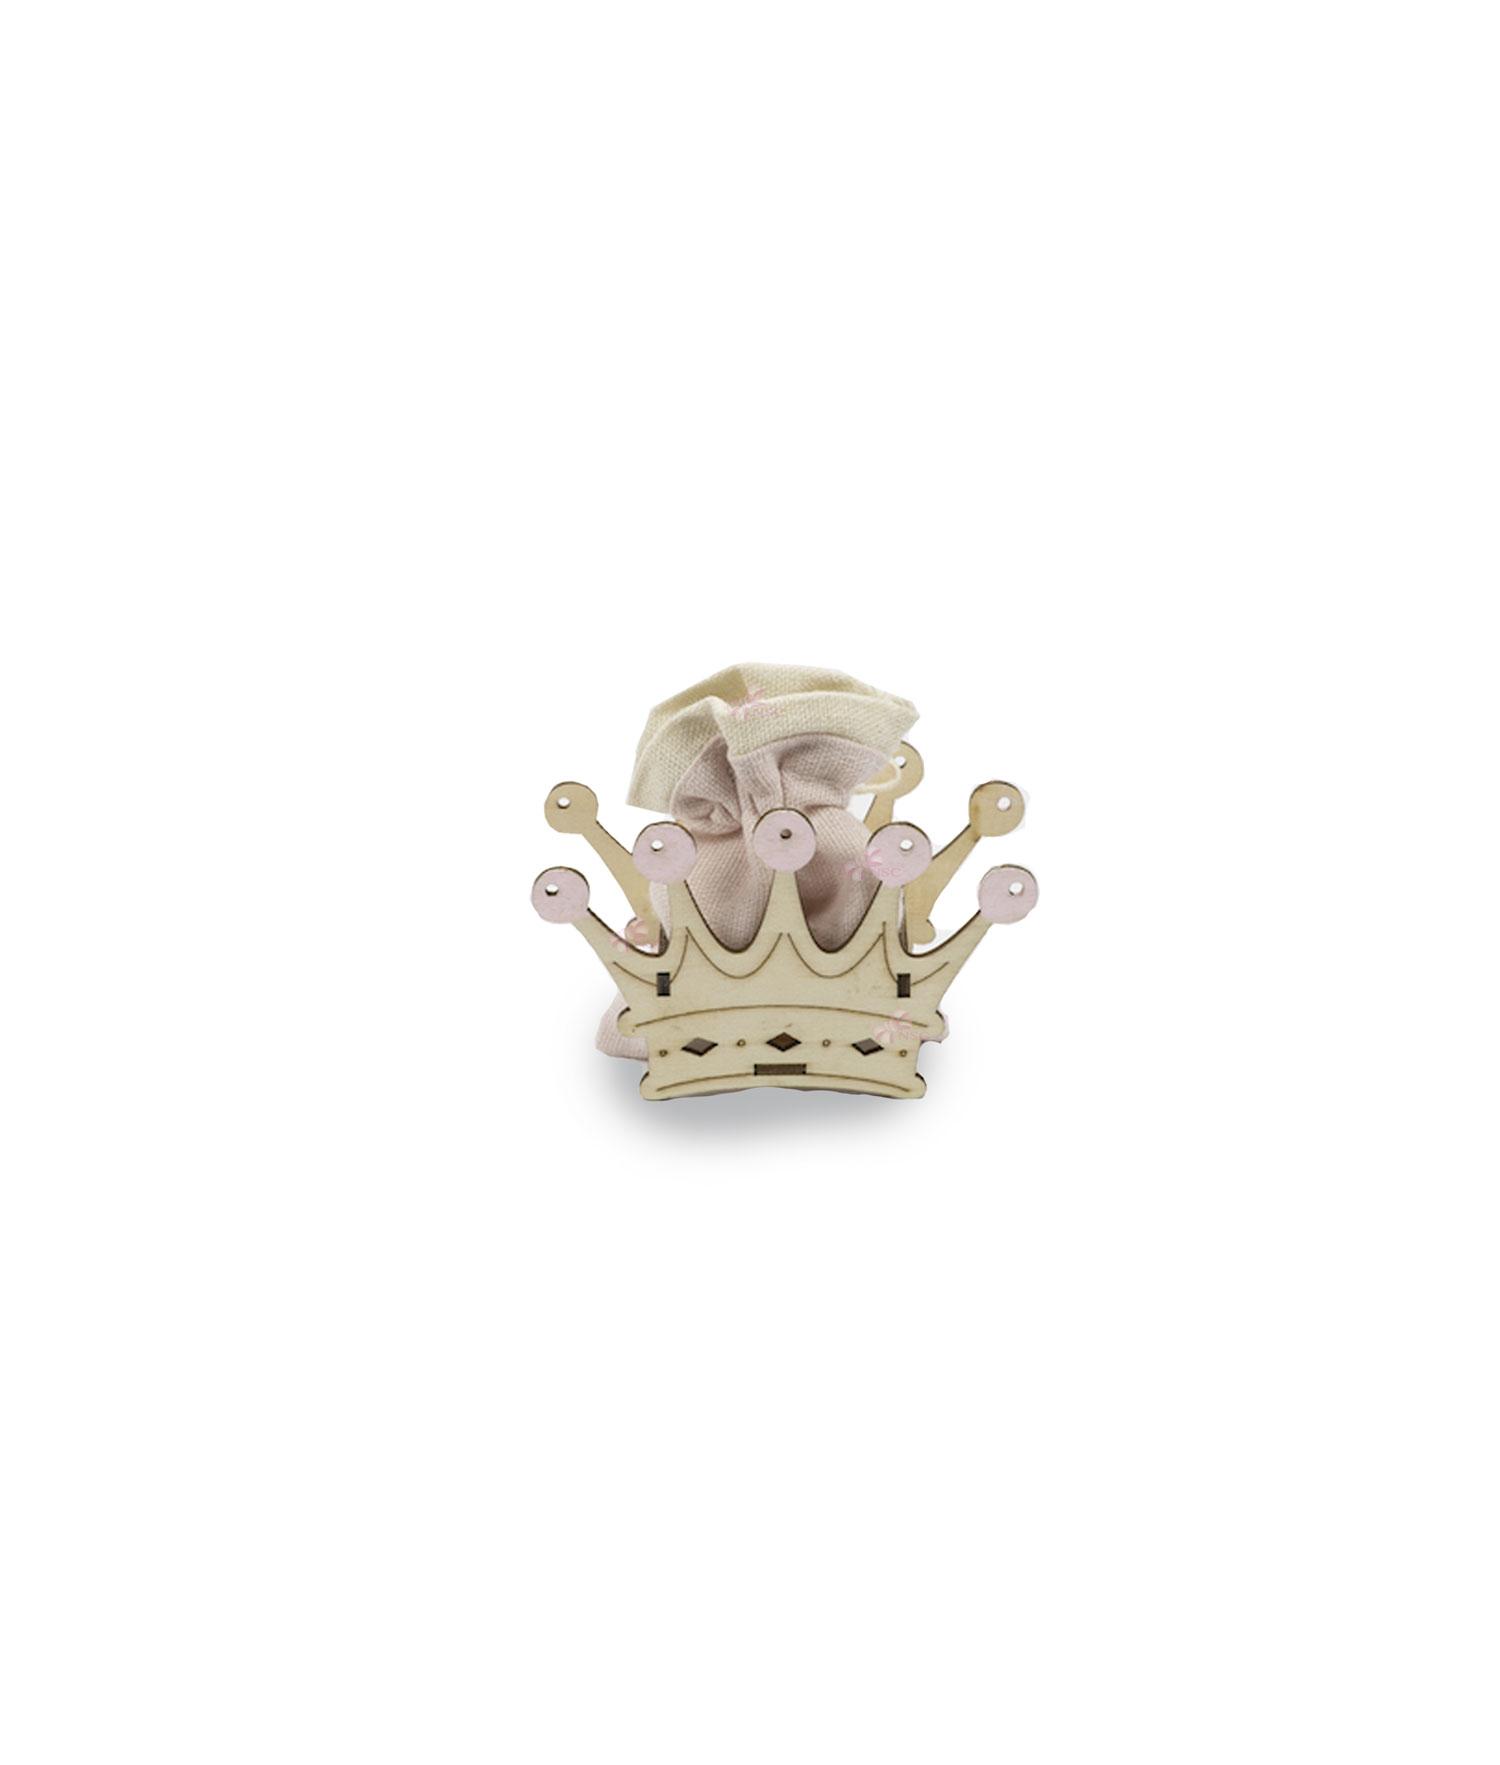 Frcolor Corona principessa per regalo di compleanno per bambina confezione da 2 argento e oro